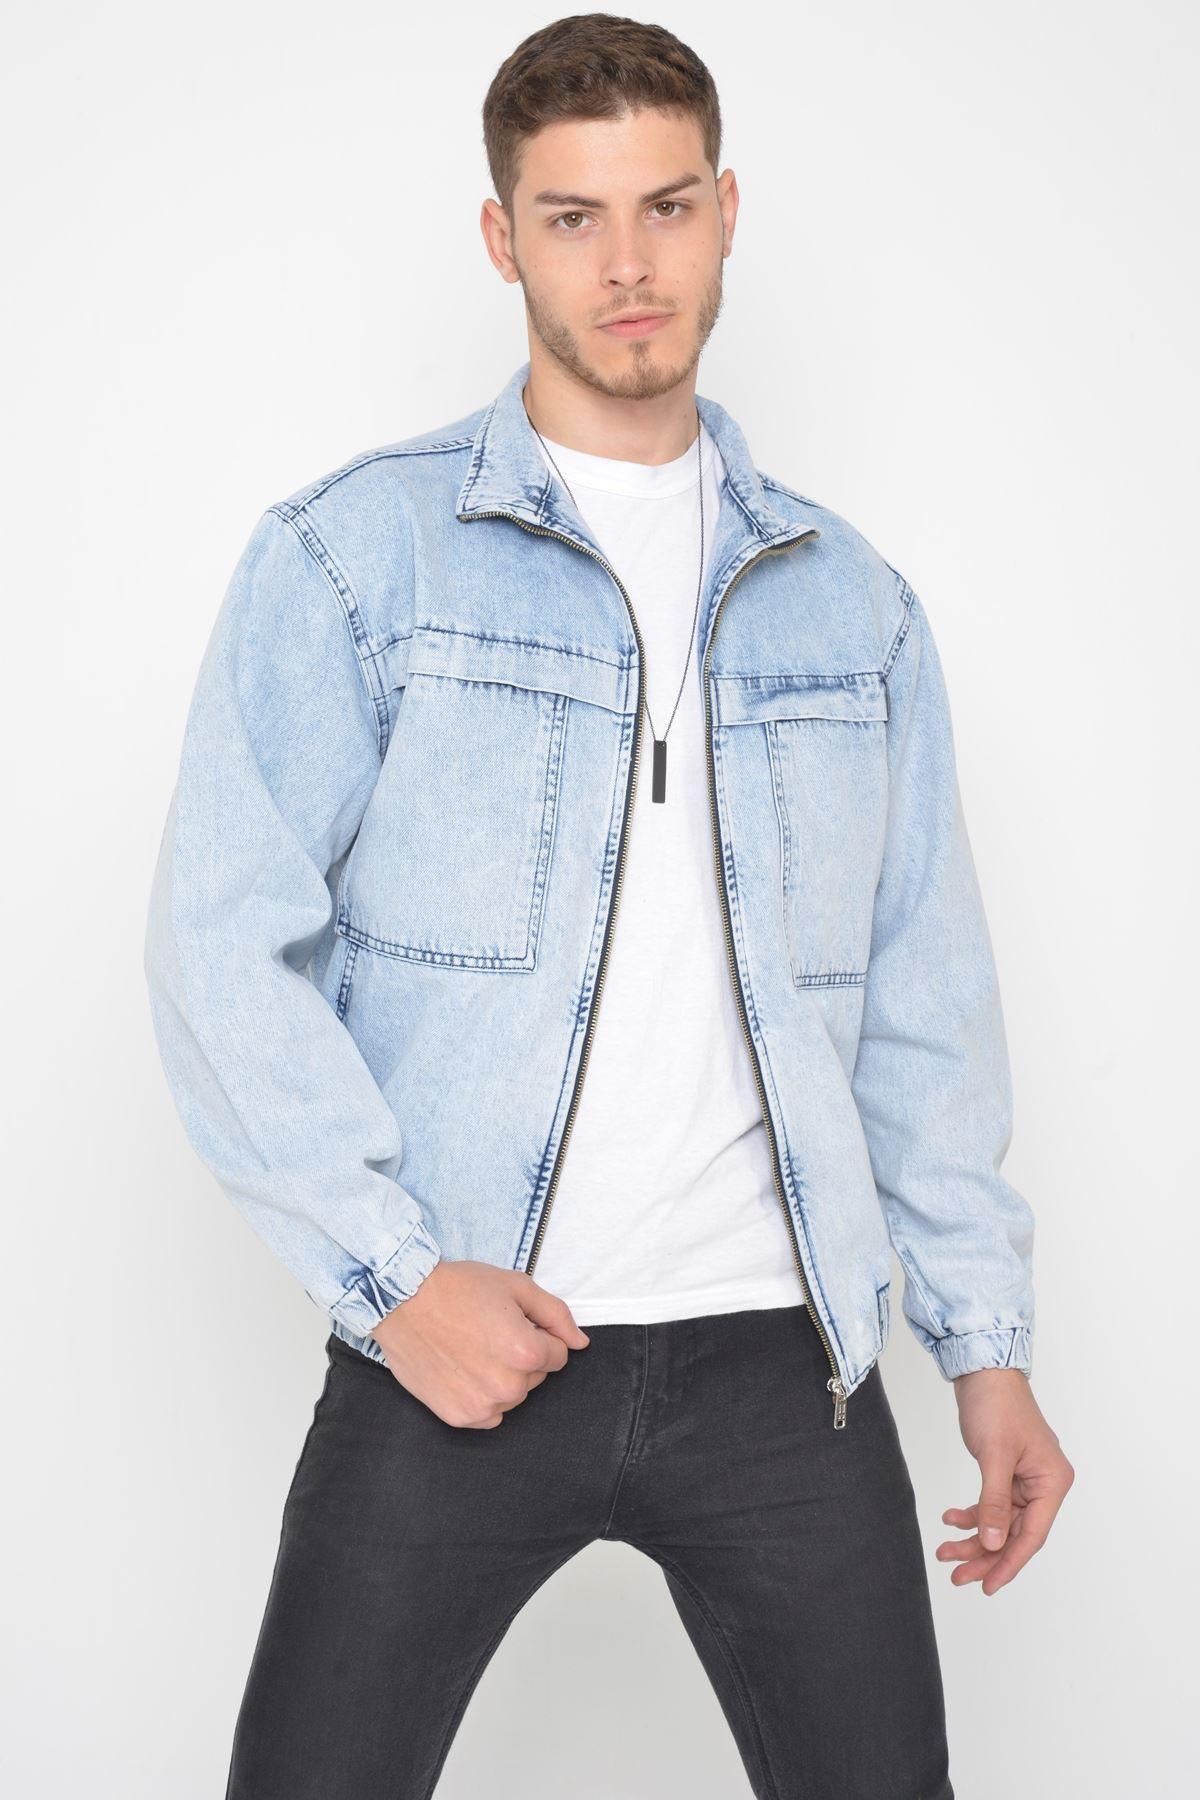 Oversize Buz Mavi Yıkama Modelli Erkek Fermuarlı Bomber Kot Ceket